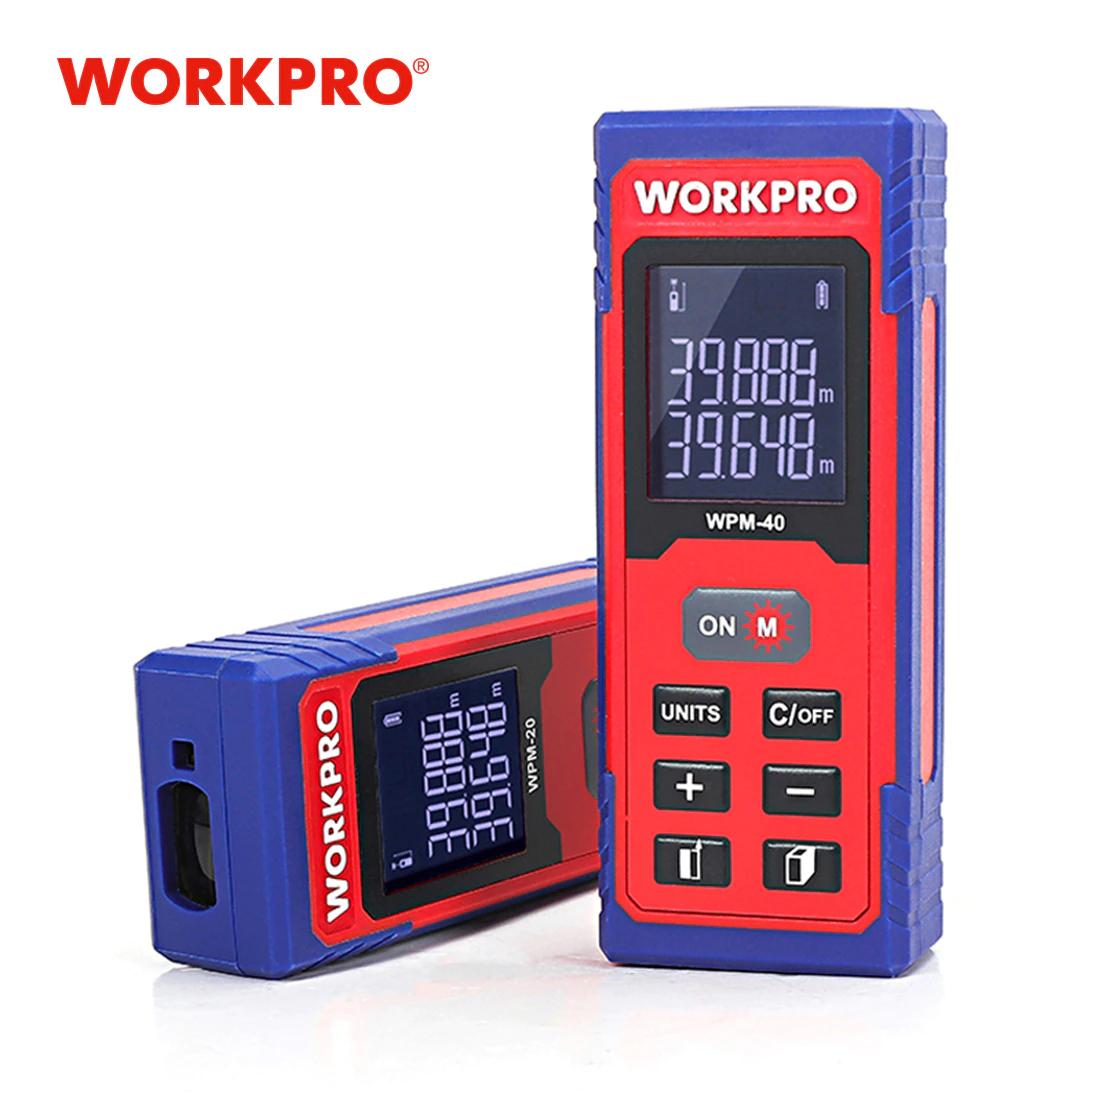 WORKPRO Medidor láser de distancia a 12.75 € desde España (Agotado el de 6.80€)